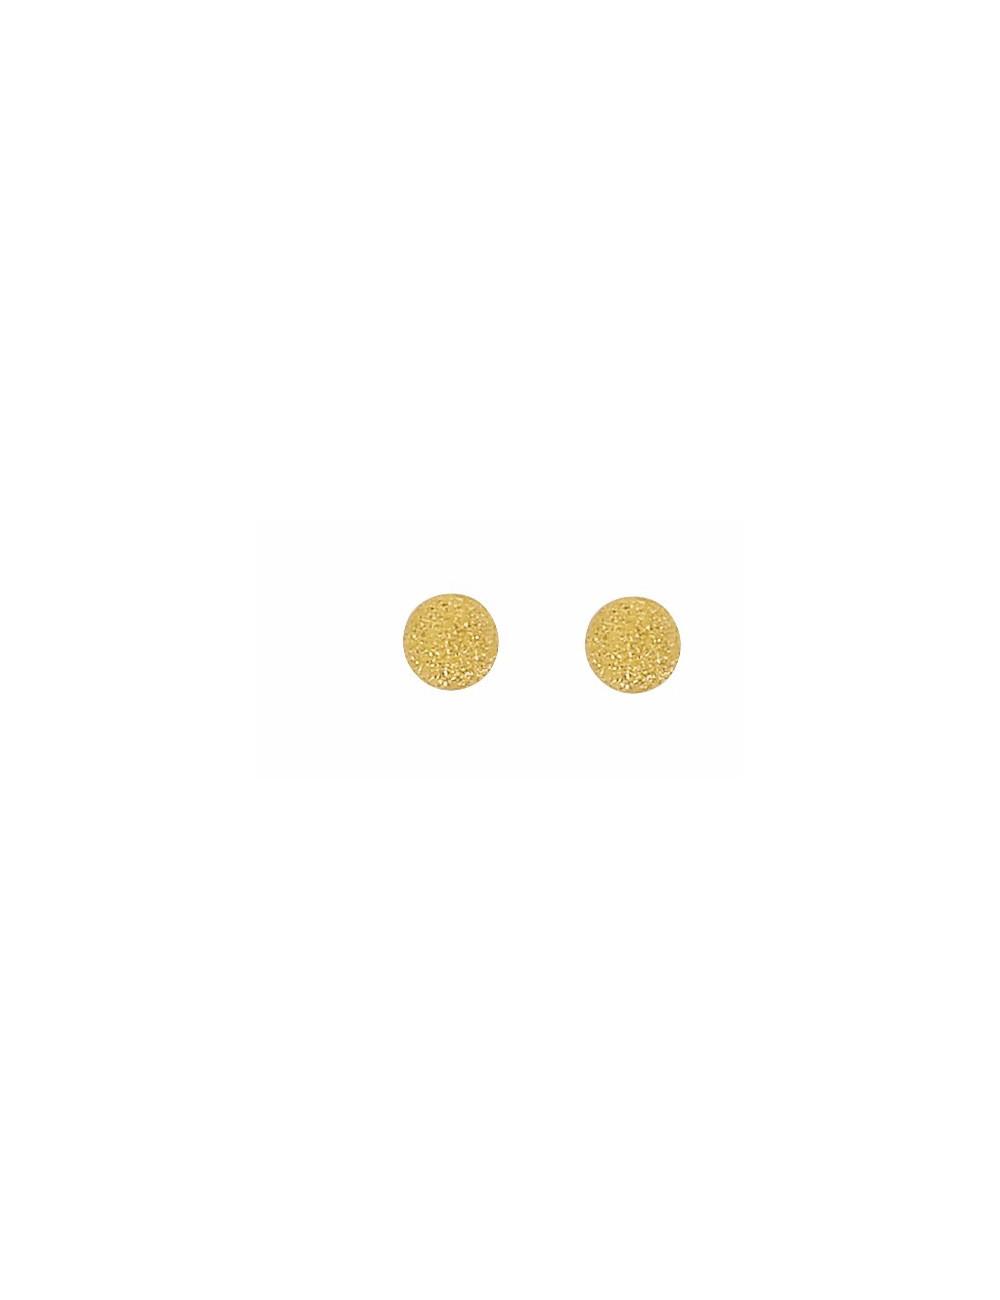 Boucles d'Oreilles Boules Satinées 4 mm Or 18 Carats